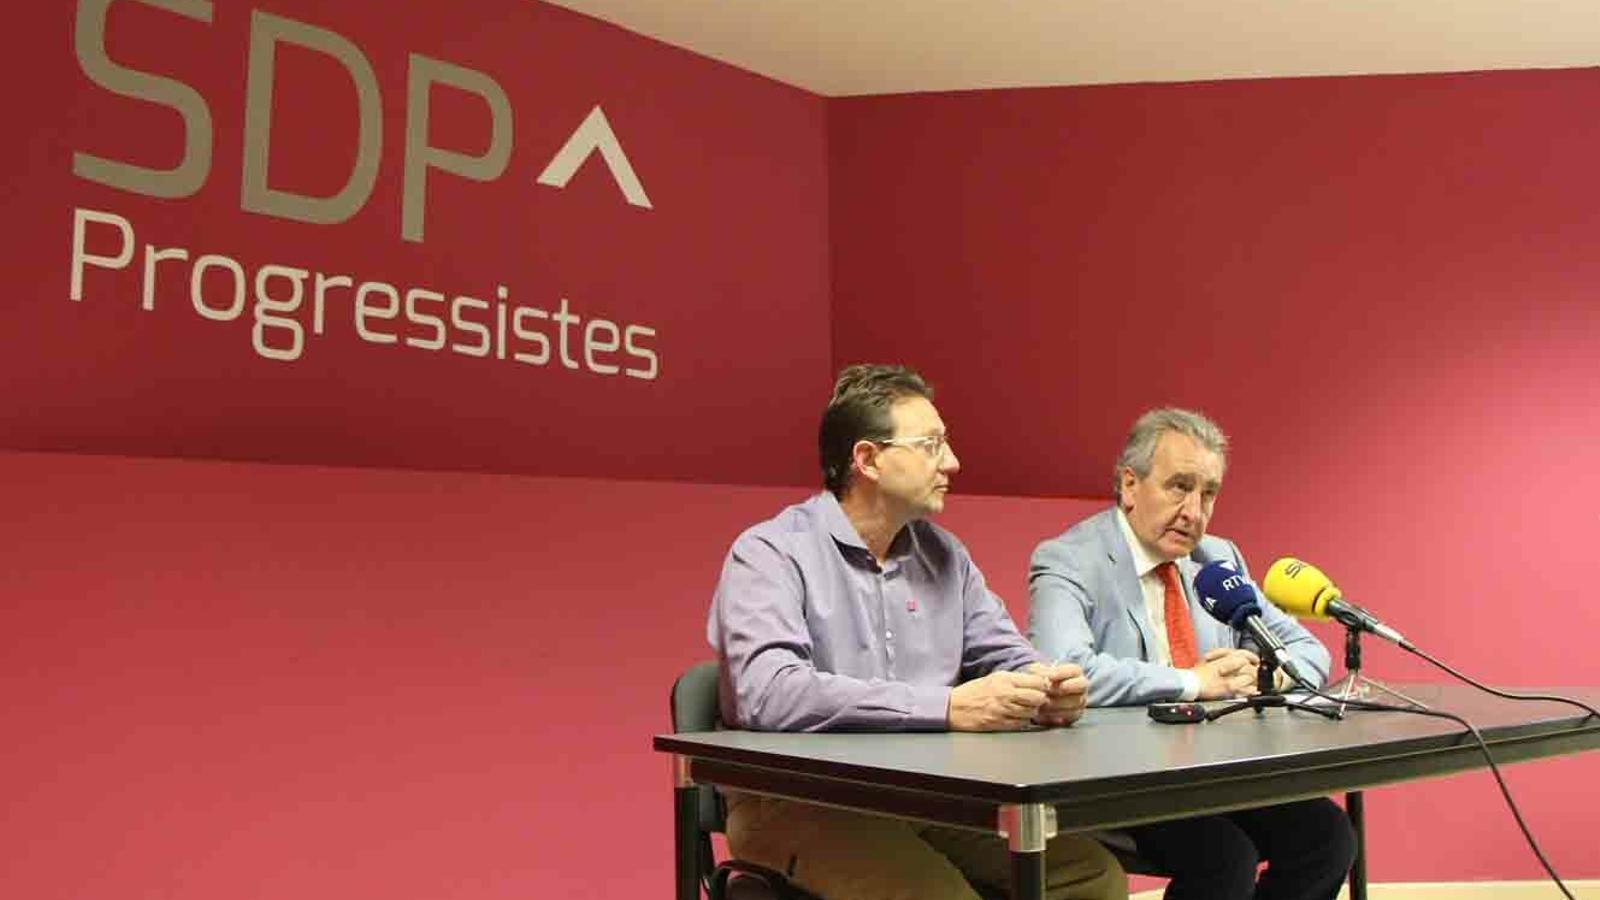 El president de Progressistes-SDP, Jaume Bartumeu, amb el conseller lauredià, Josep Lluís Donsión, durant la roda de premsa de la formació d'aquest dimarts. / M. P.